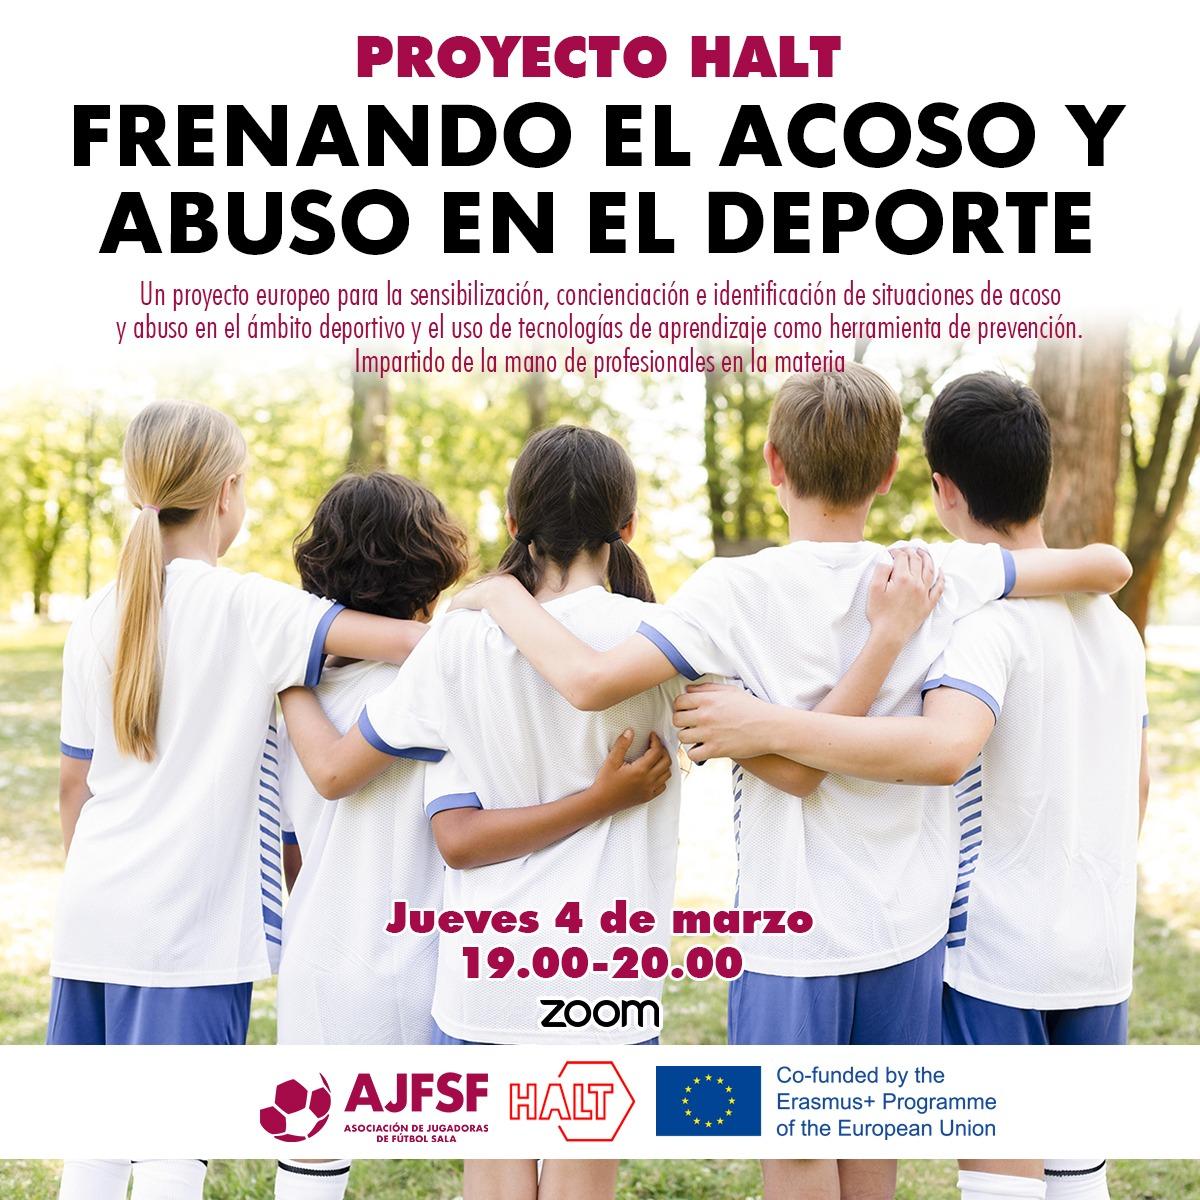 """Presentación del proyecto Europeo HALT, a través del seminario: """"Frenar el acoso y abuso en el deporte"""""""